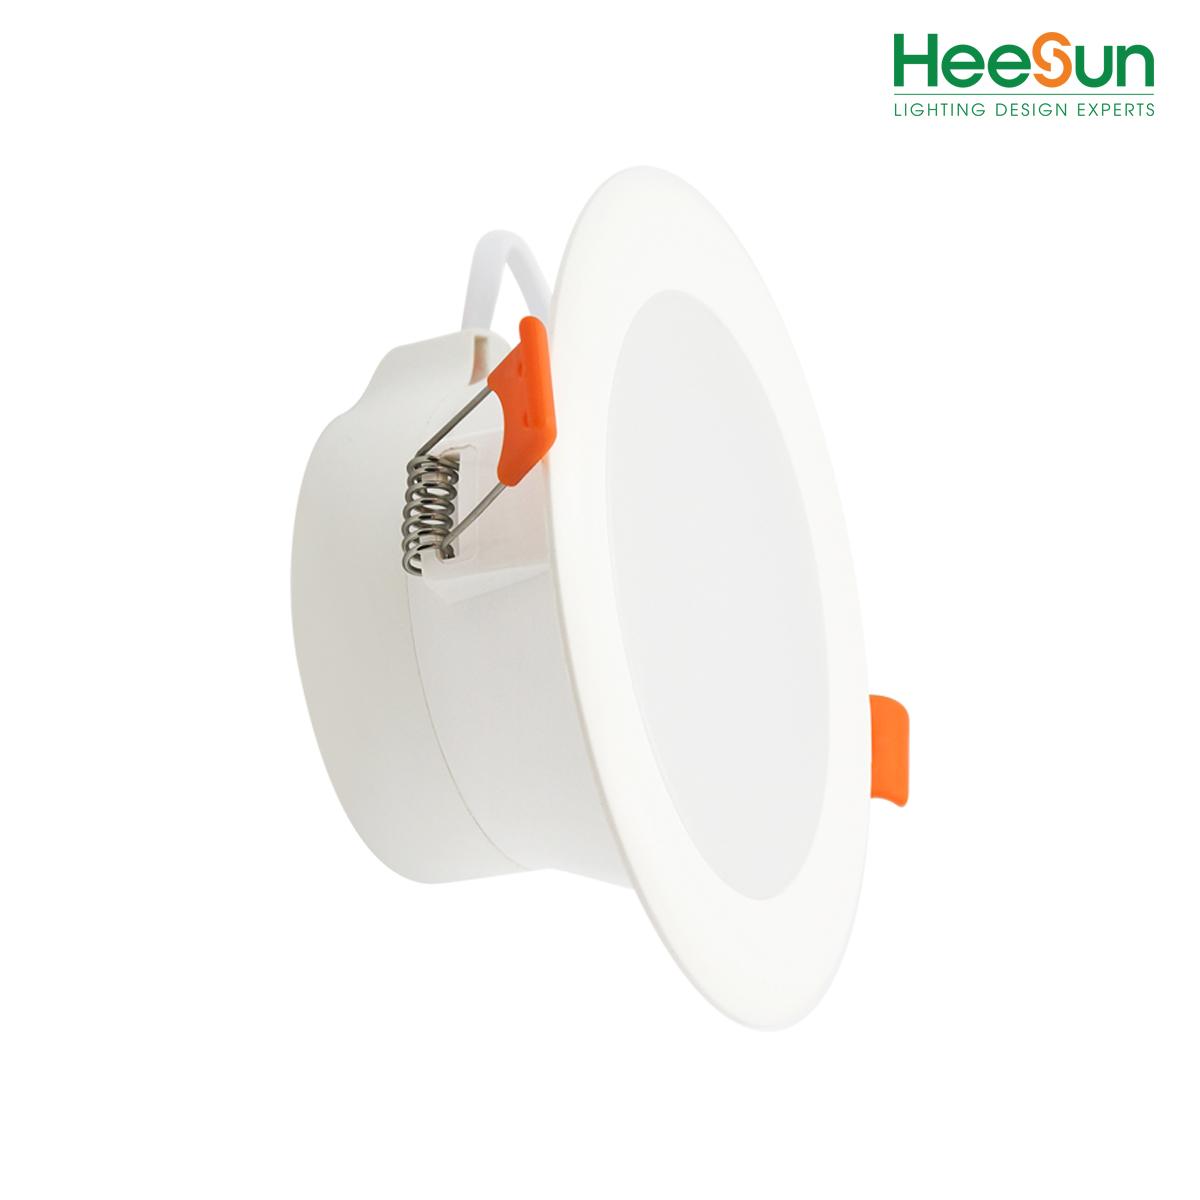 Đèn LED âm trần liền chấn lưu HS-DLC07 - HEESUN VIỆT NAM